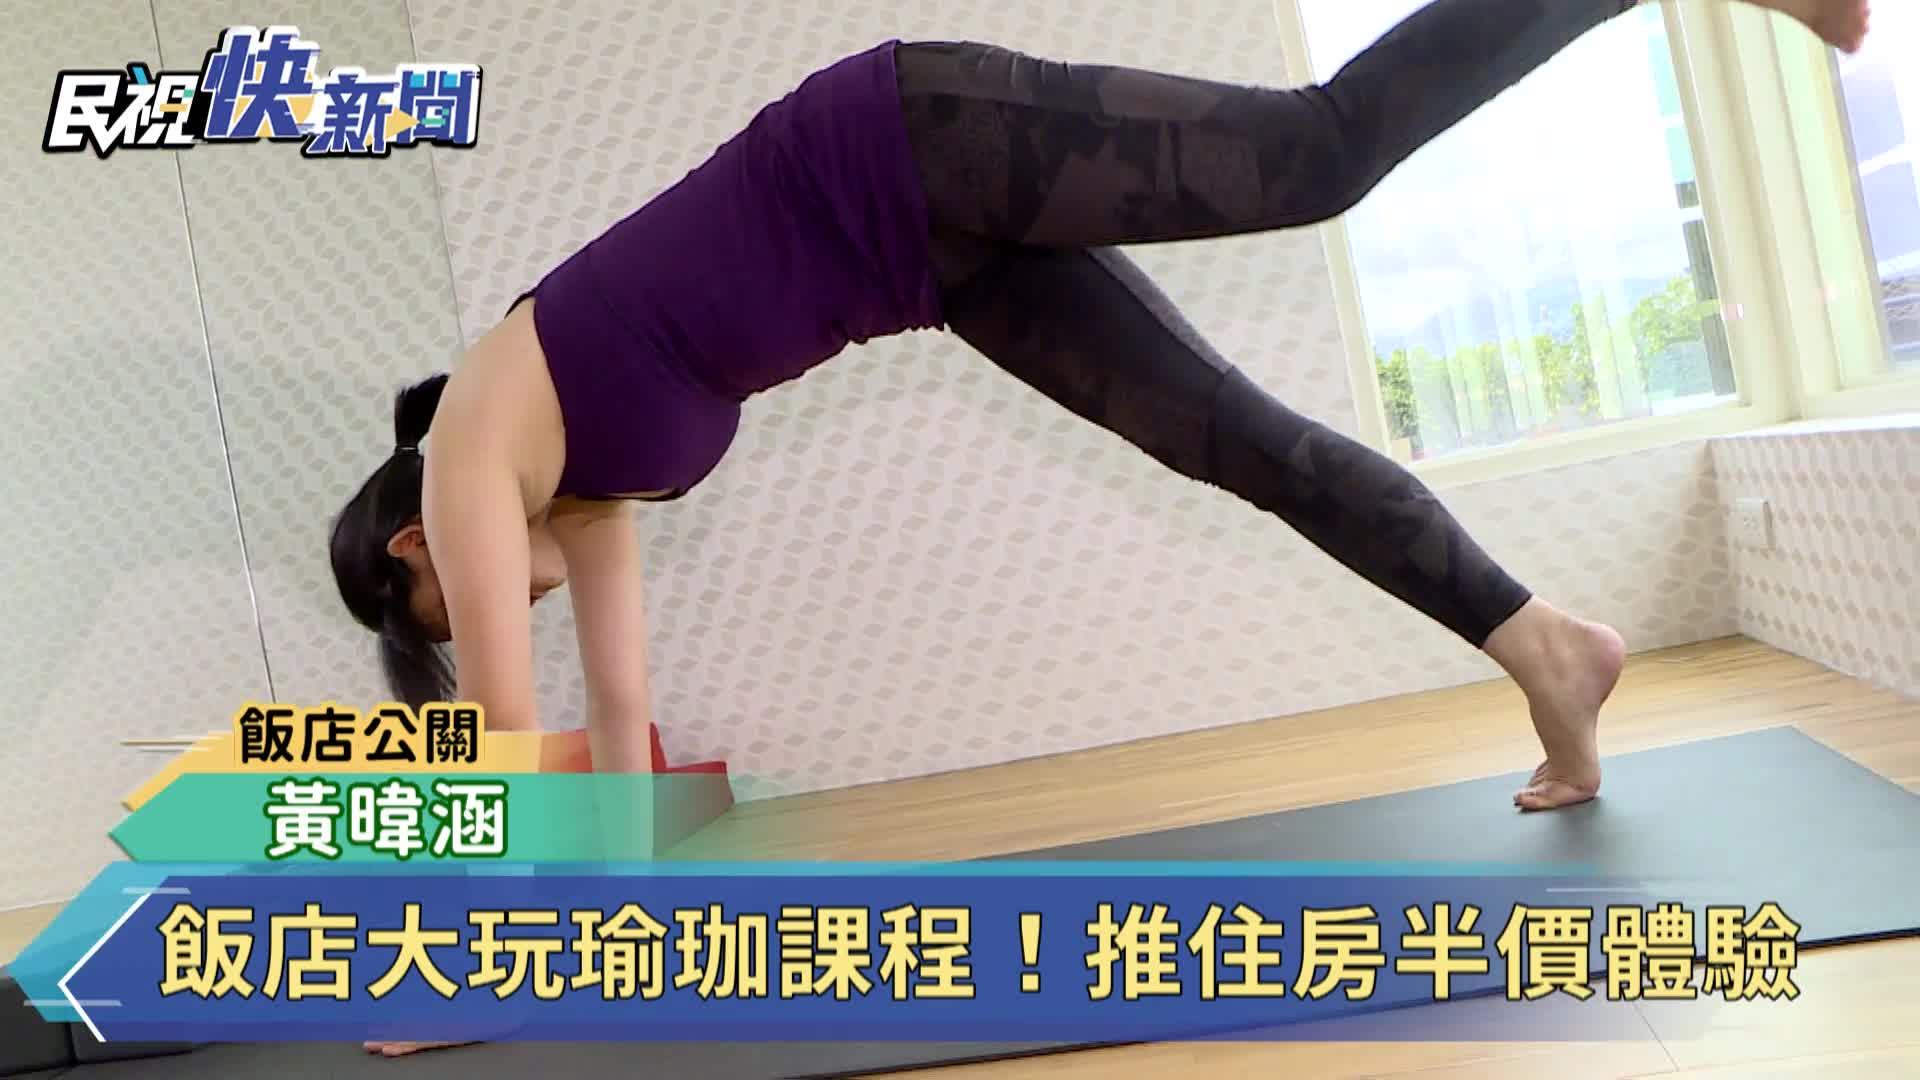 飯店大玩瑜珈課程!推住房半價體驗